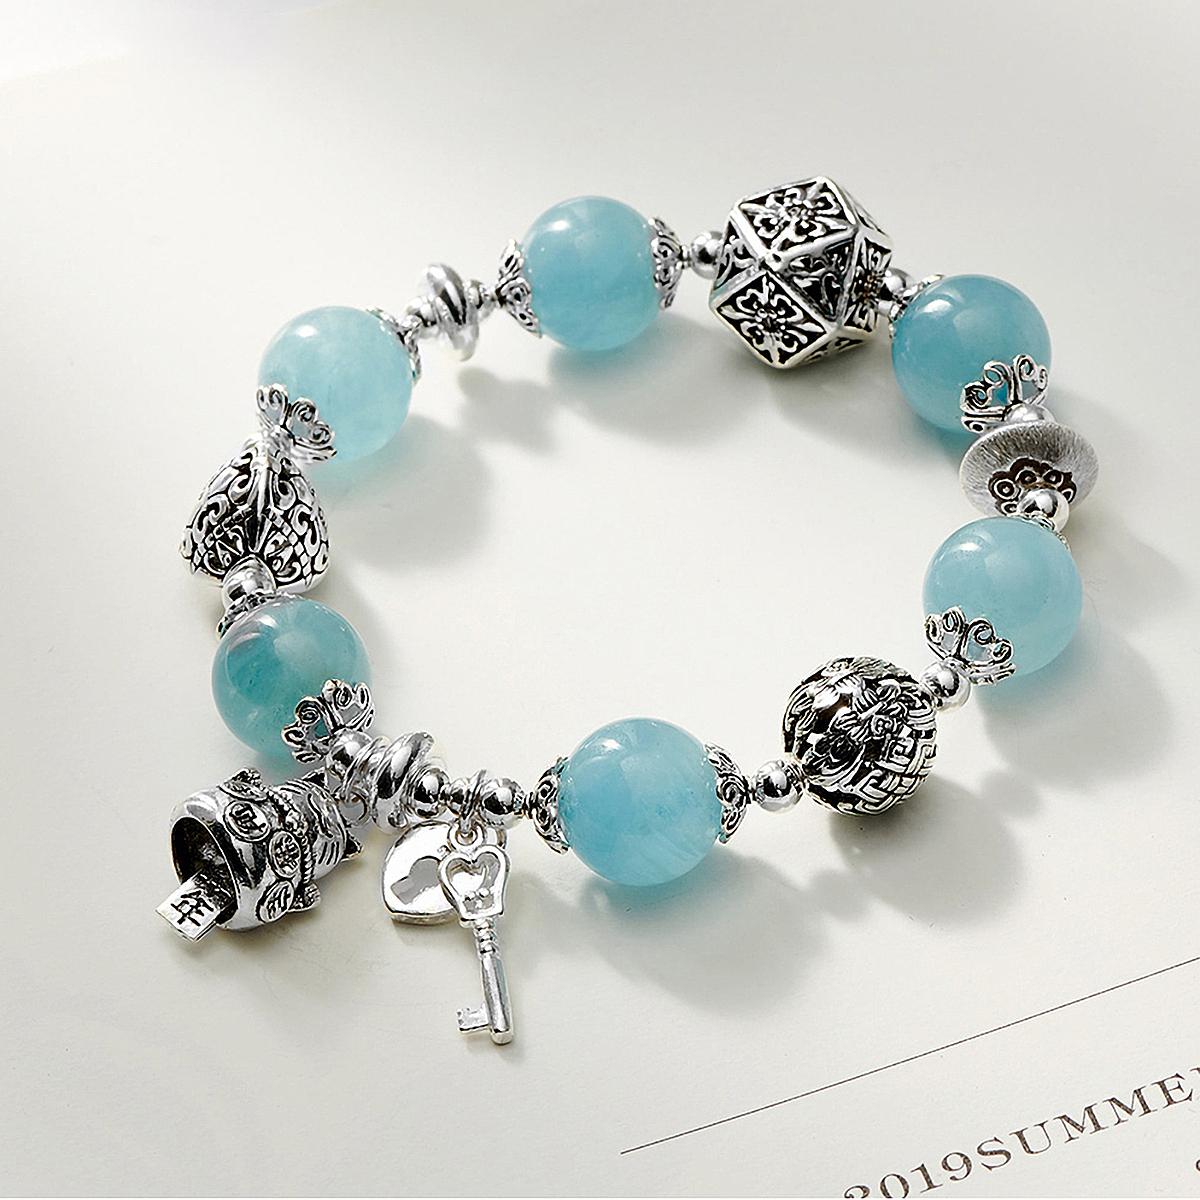 Vòng tay đá Aquamarine phối charm bạc size hạt 12 mm thủy, mộc - Ngọc Quý Gemstones - xanh dương giảm 20% còn 1,8 triệu đồng; làm từ chất liệu đá Hải Lam Ngọc tự nhiên, kích thước 52 mm; thích hợp làm quà tặng.